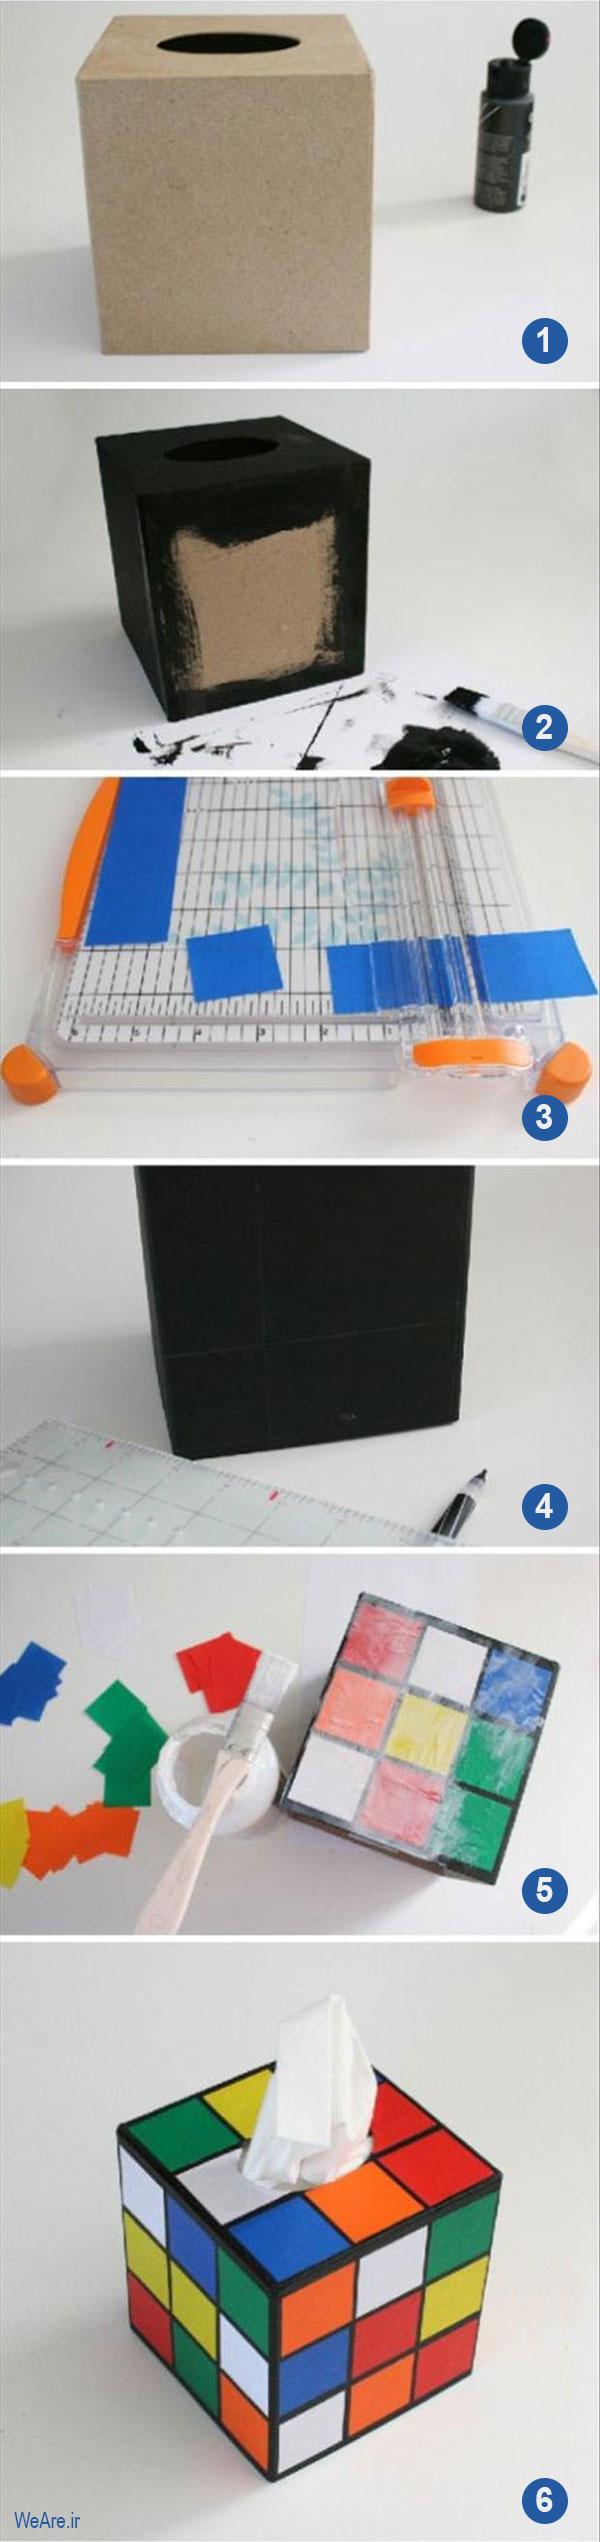 ساخت جای دستمال کاغذی با مکعب روبیک